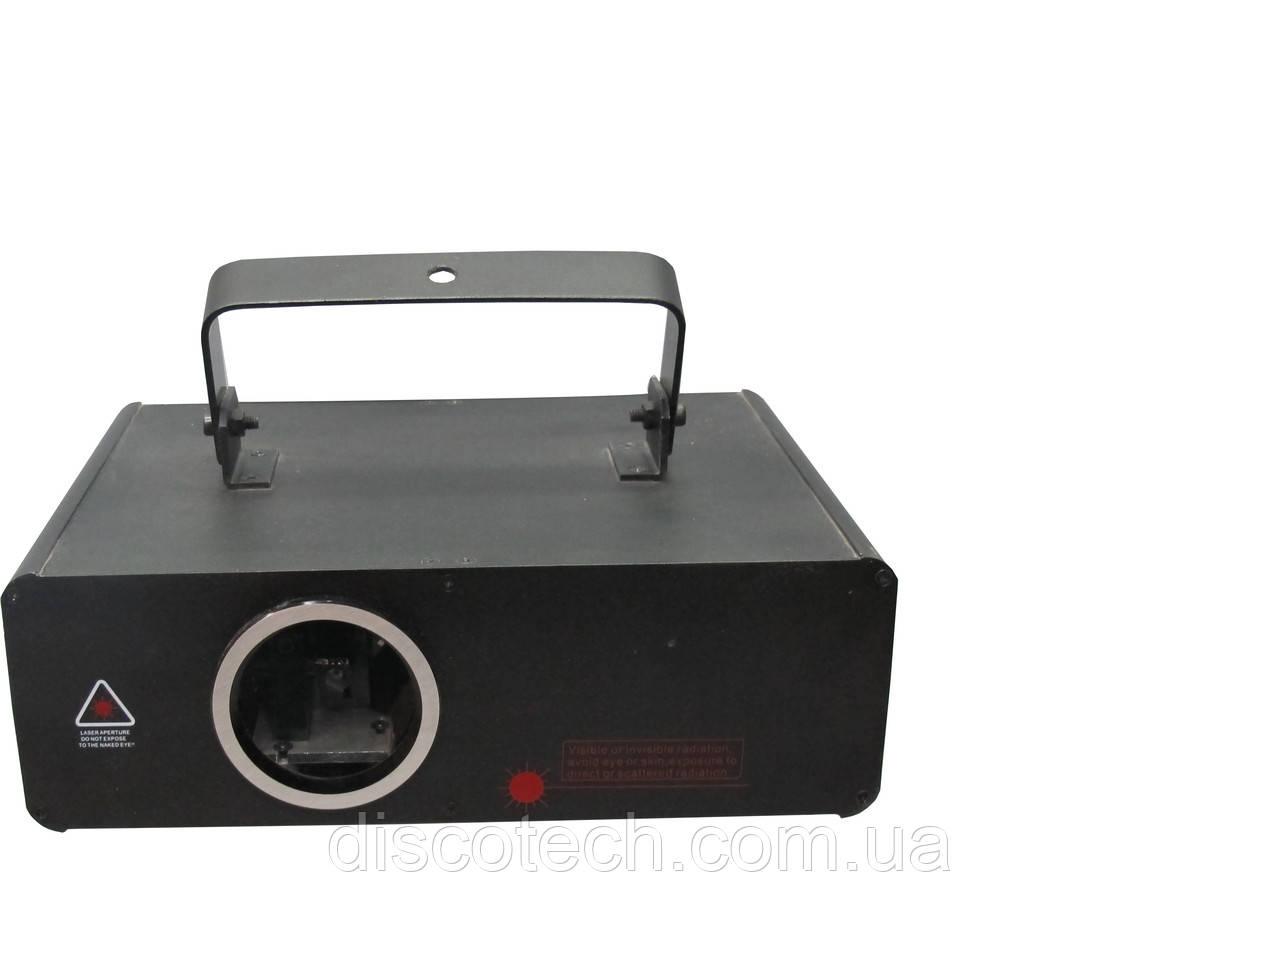 Лазер анимационный G-150mW BigTang T-009A